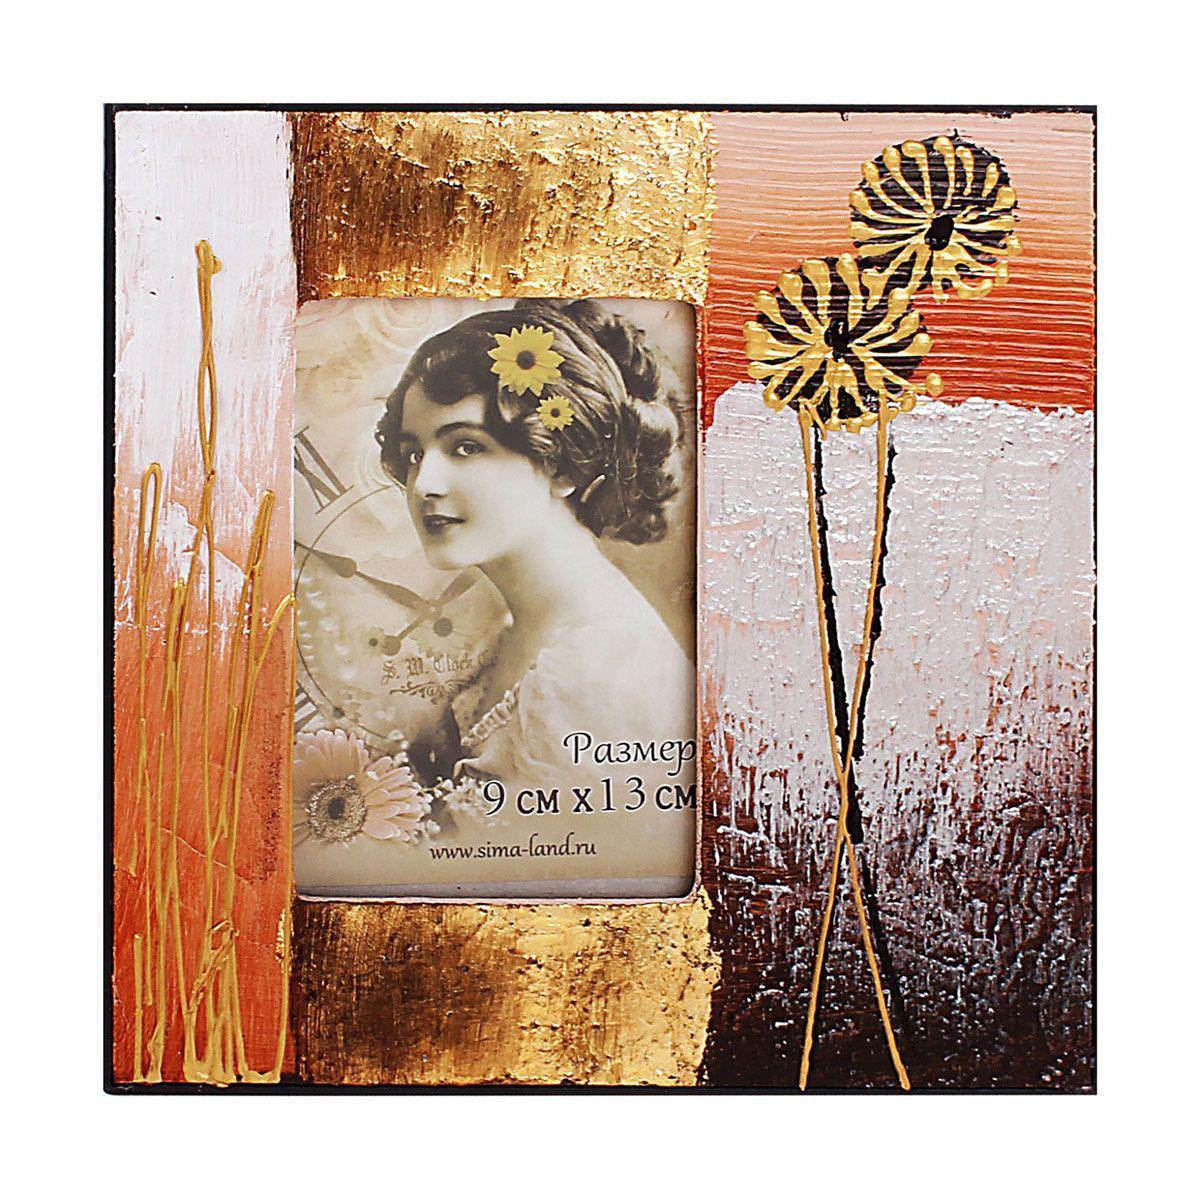 """Фоторамка Sima-land """"Экспрессия"""", цвет: золотистый, серебристый, медный, 9 см х 13 см"""